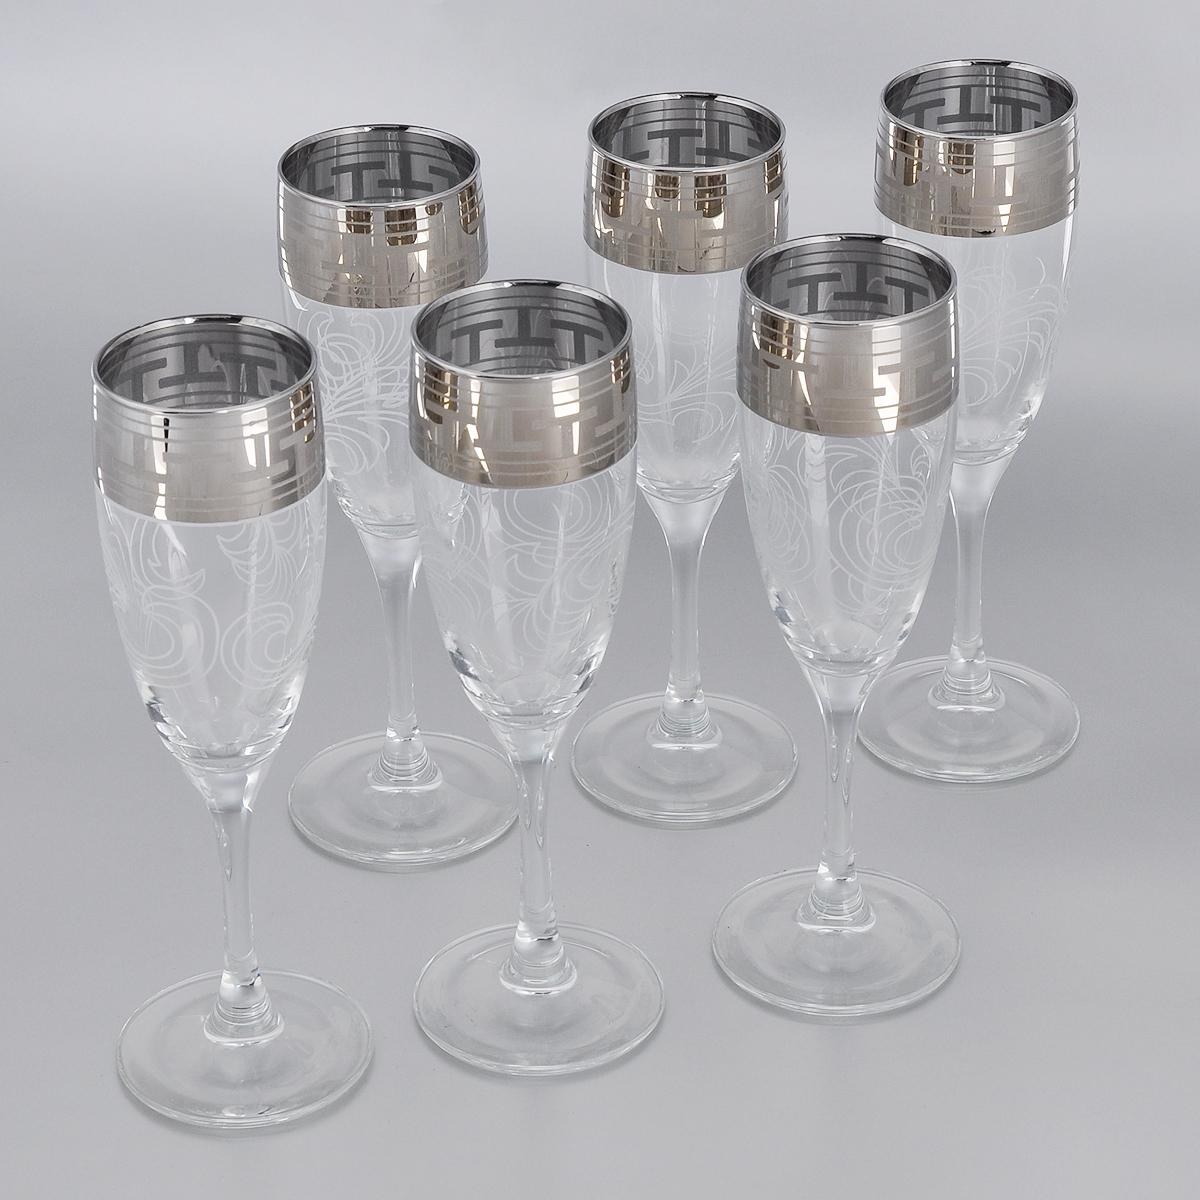 Набор бокалов Гусь-Хрустальный Греческий узор, 170 мл, 6 штGE01-1689Набор Гусь-Хрустальный Греческий узор состоит из 6 бокалов на длинных тонких ножках, изготовленных из высококачественного натрий-кальций-силикатного стекла. Изделия оформлены красивым зеркальным покрытием и белым матовым орнаментом. Бокалы предназначены для шампанского или вина. Такой набор прекрасно дополнит праздничный стол и станет желанным подарком в любом доме. Разрешается мыть в посудомоечной машине. Диаметр бокала (по верхнему краю): 5 см. Высота бокала: 19 см.